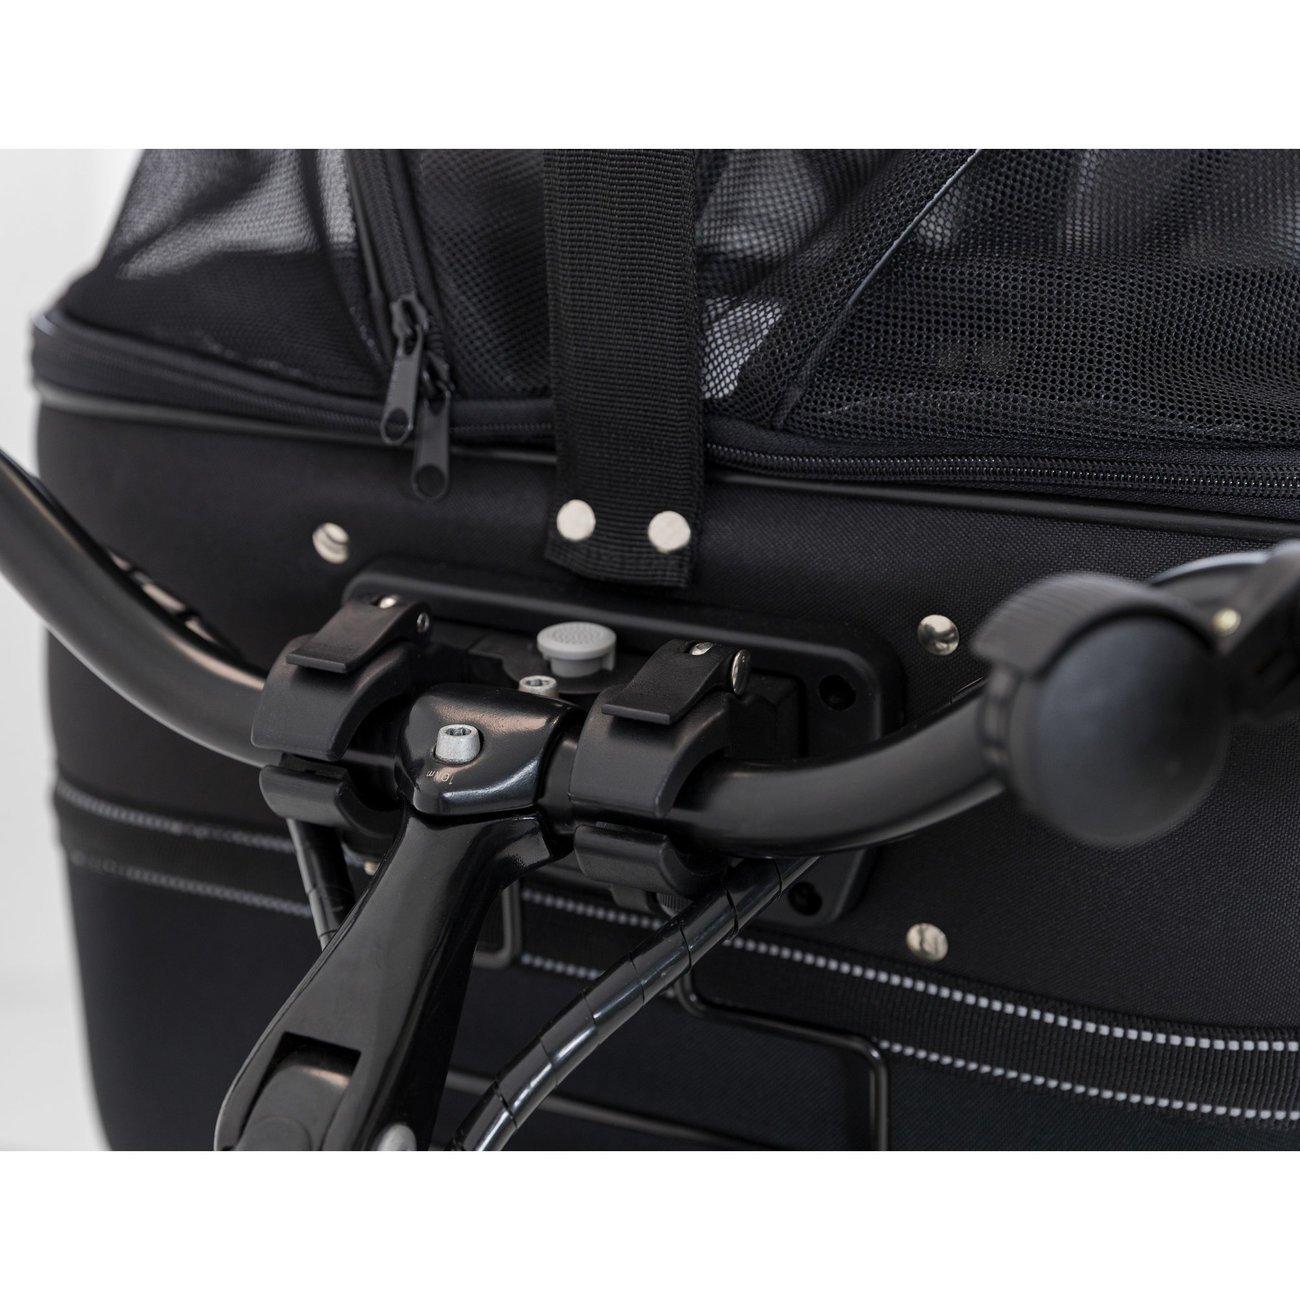 TRIXIE Lenker Front-Fahrradkorb für Hunde 13108, Bild 6